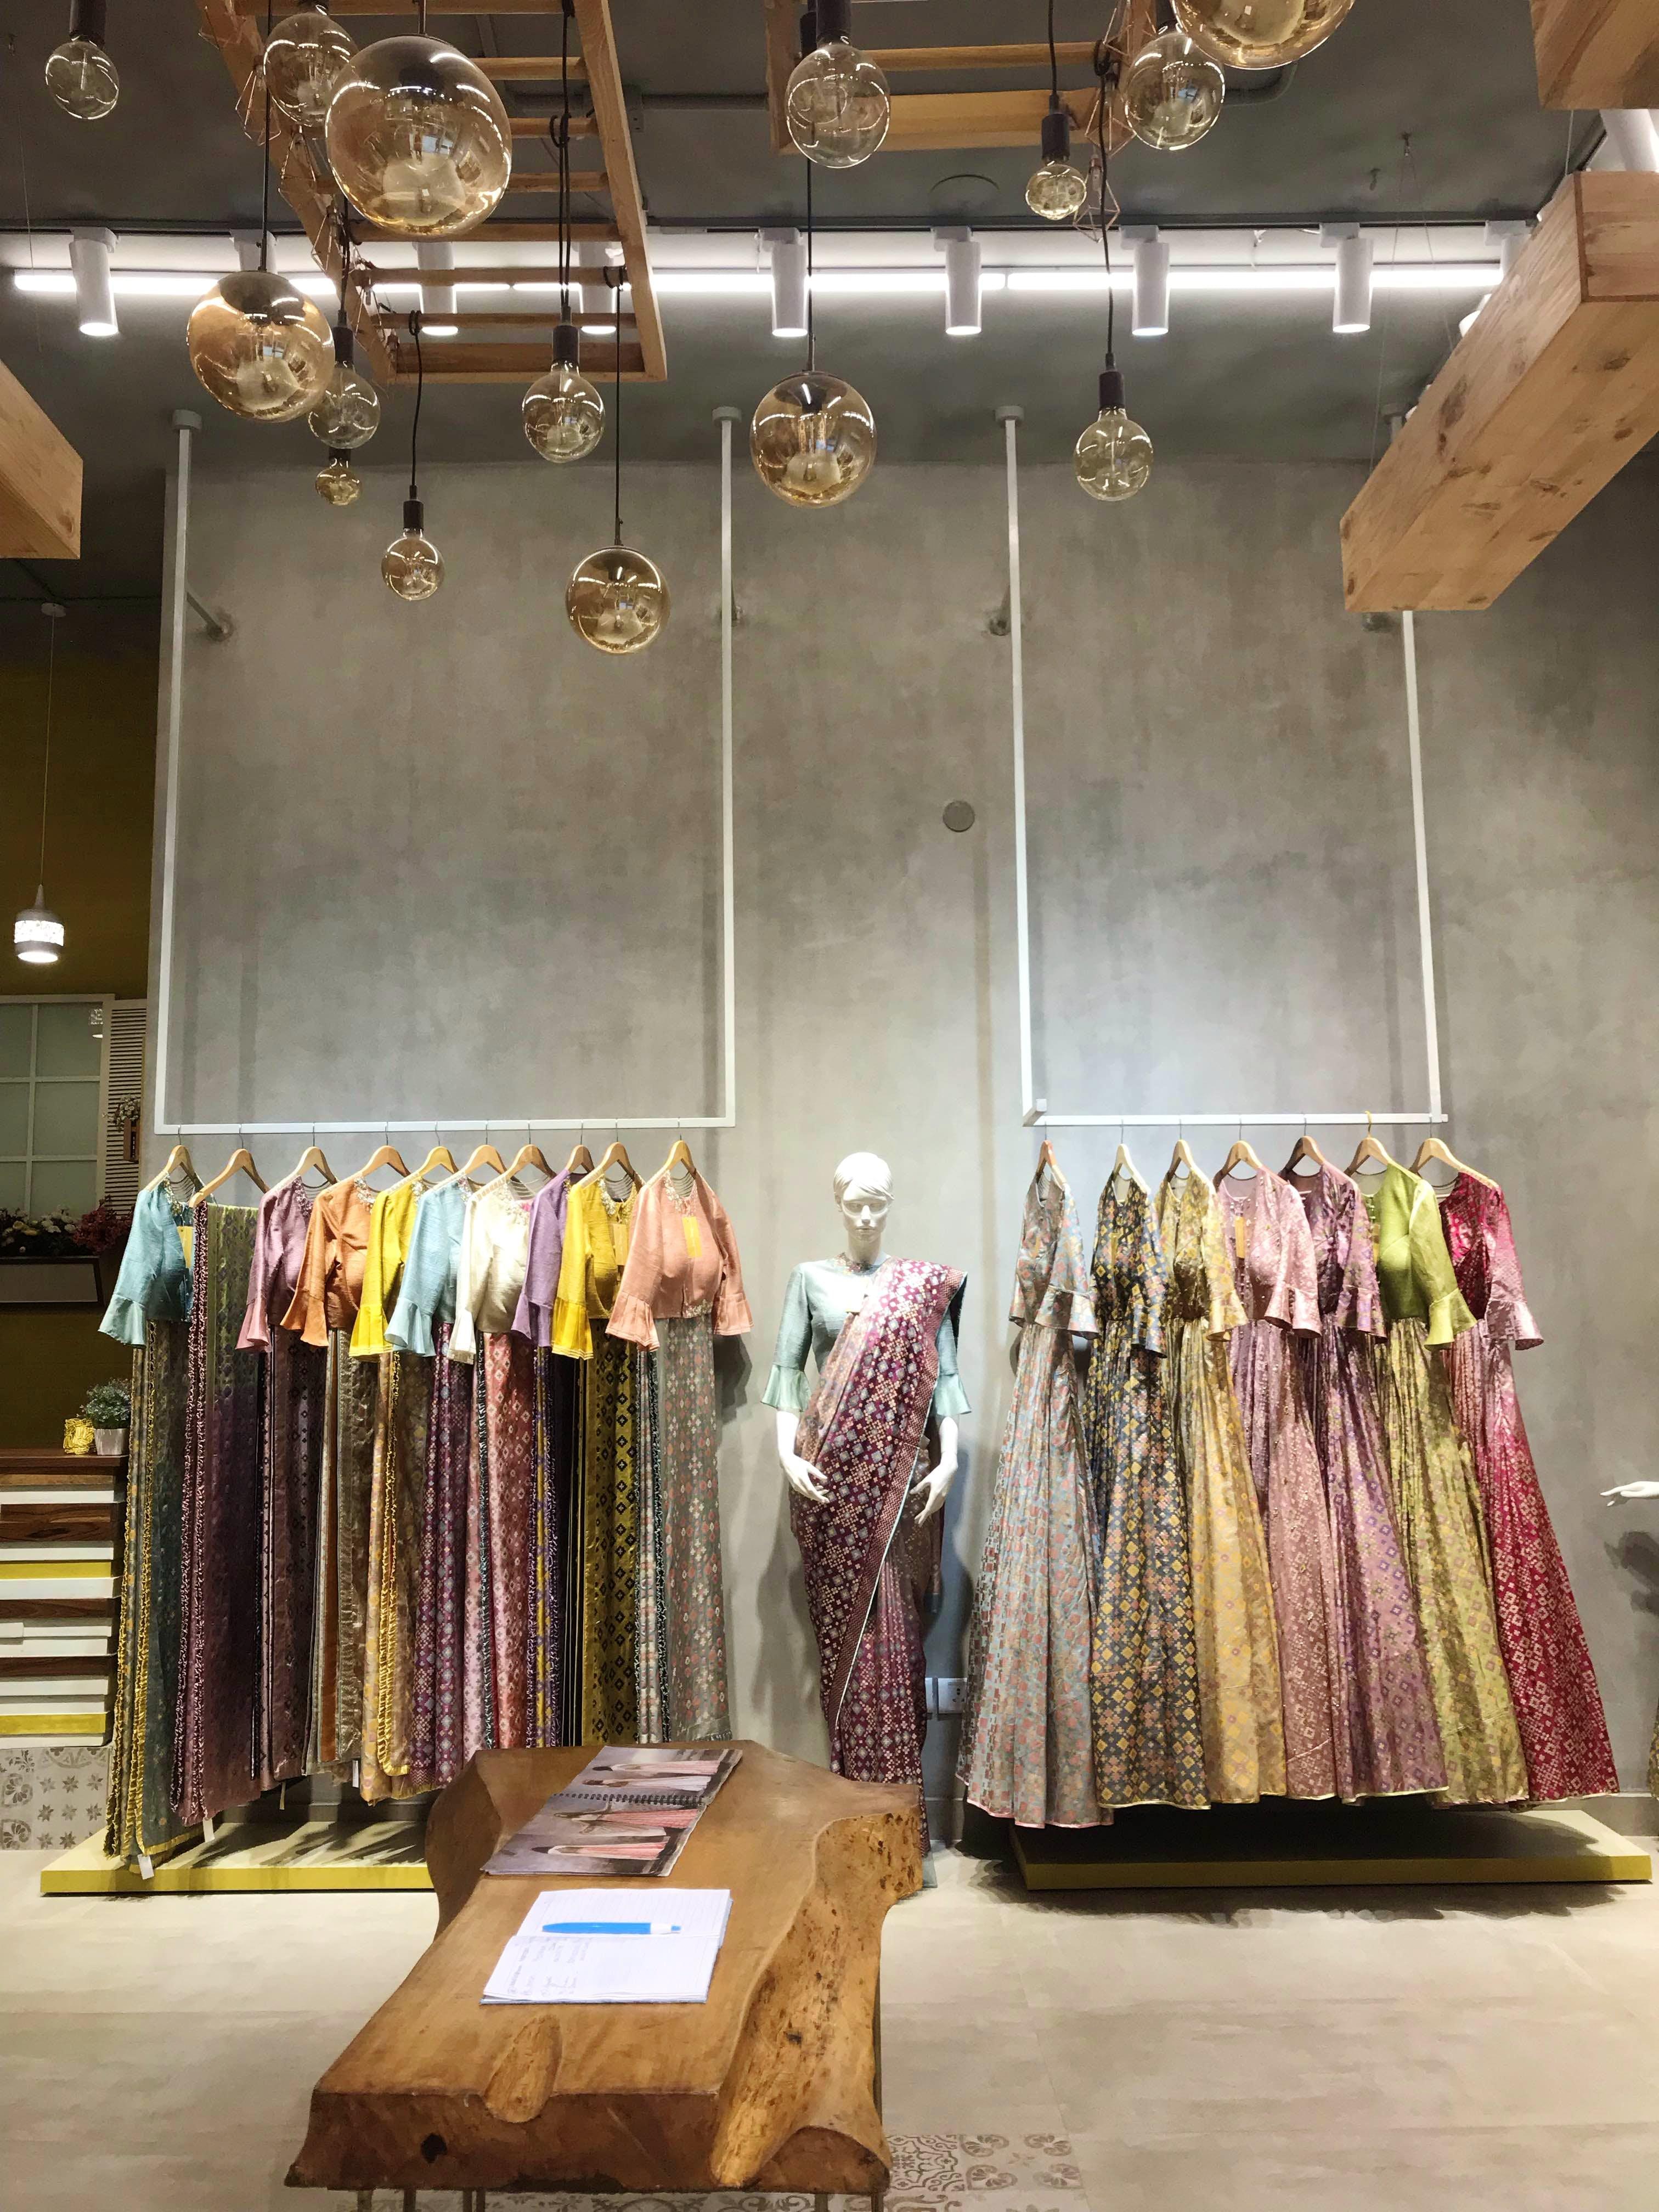 Boutique,Textile,Retail,Building